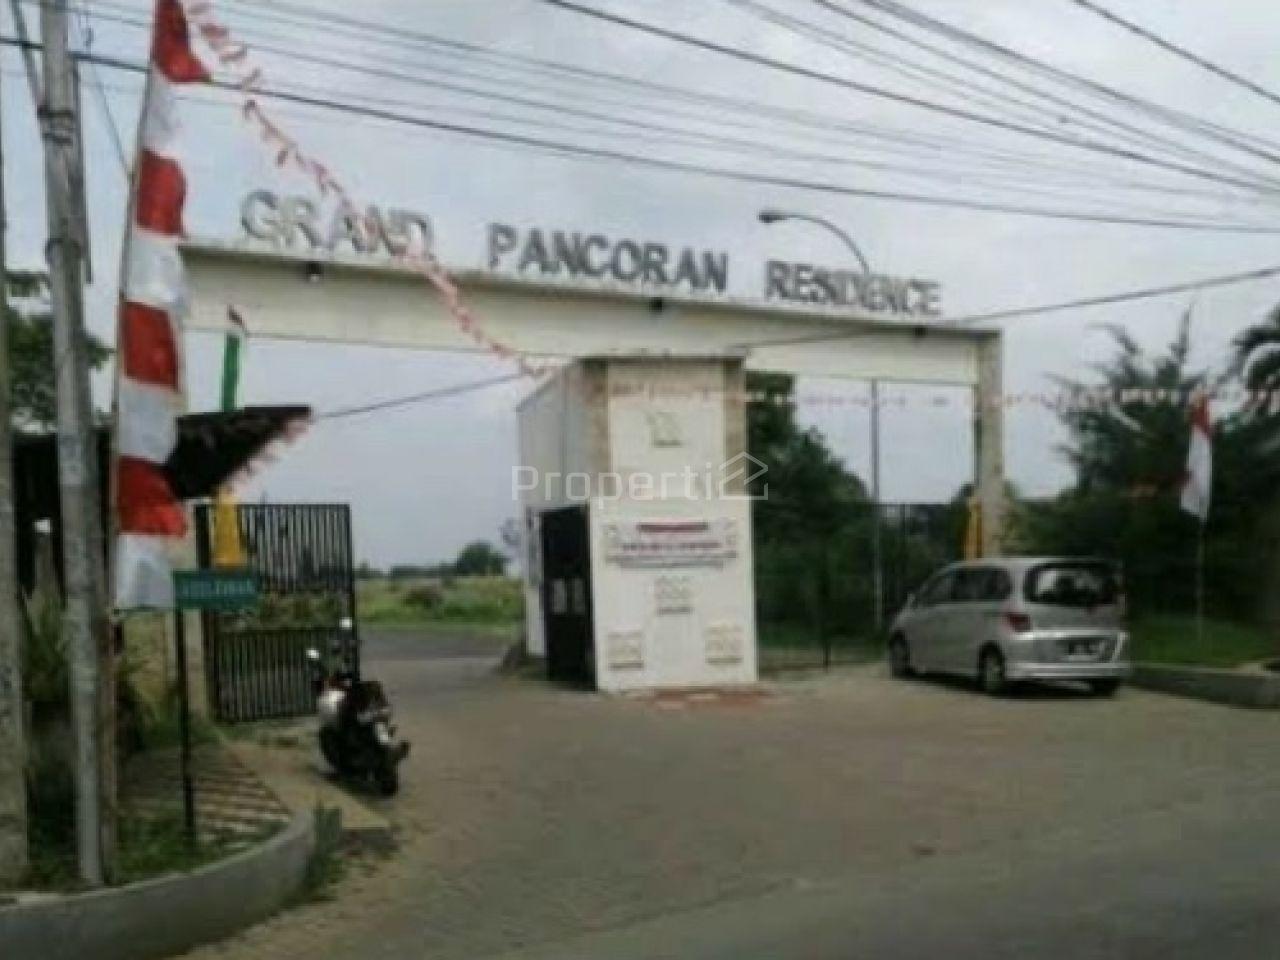 Plot Land at Grand Pancoran Residence, Jawa Barat